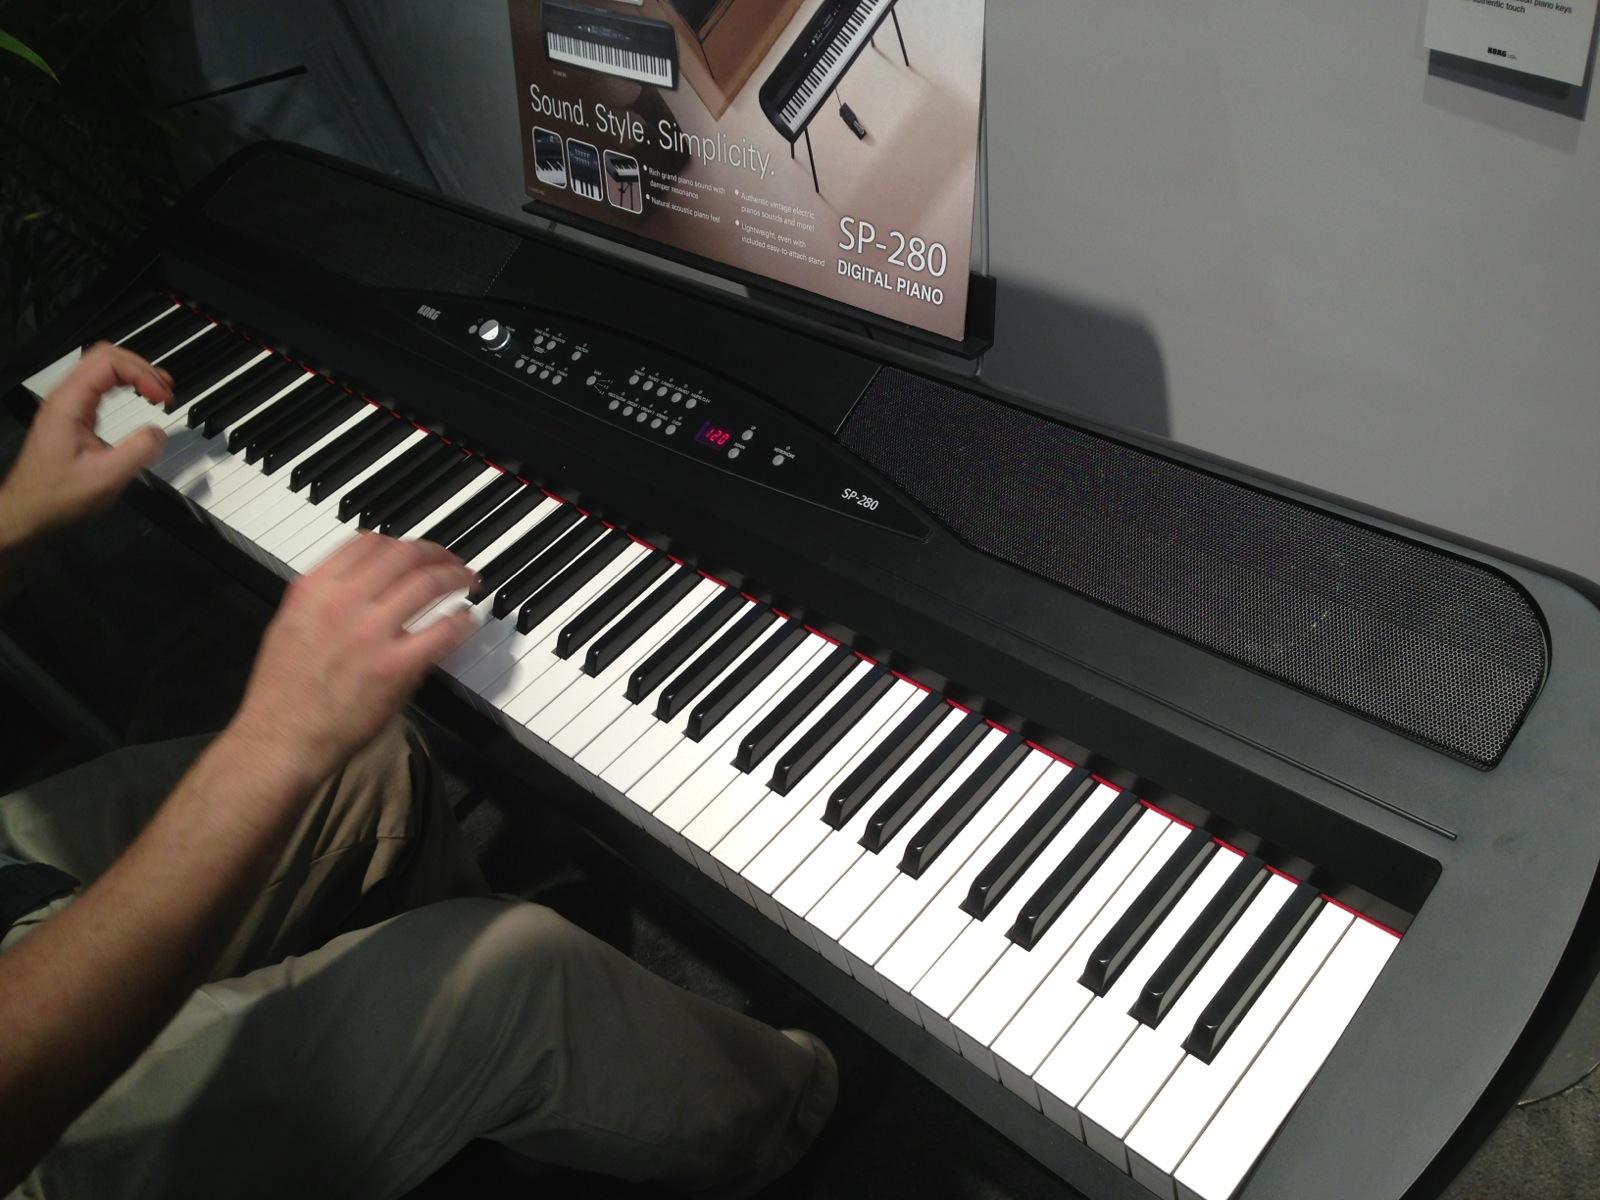 korg sp-280 电钢琴第一时间上手图片